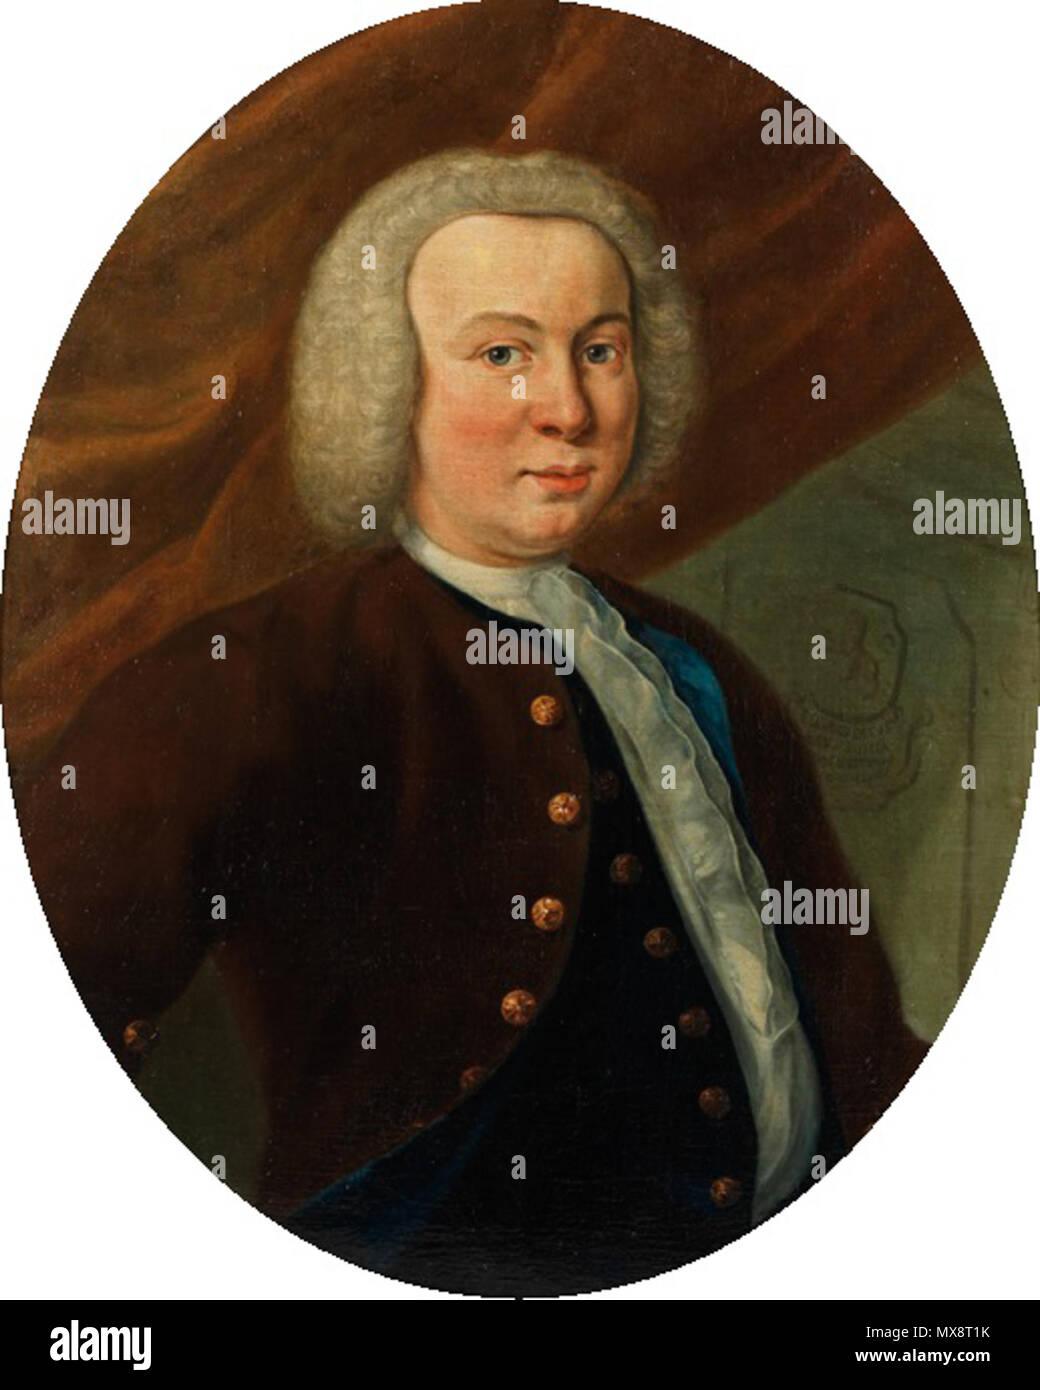 . Nederlands: Edzard Jacob Lewe van Middelstum . 1740. Johannes Antiquus (1702-1750) 320 Johannes Antiquus - Edzard Jacob Lewe van Middelstum - Stock Image